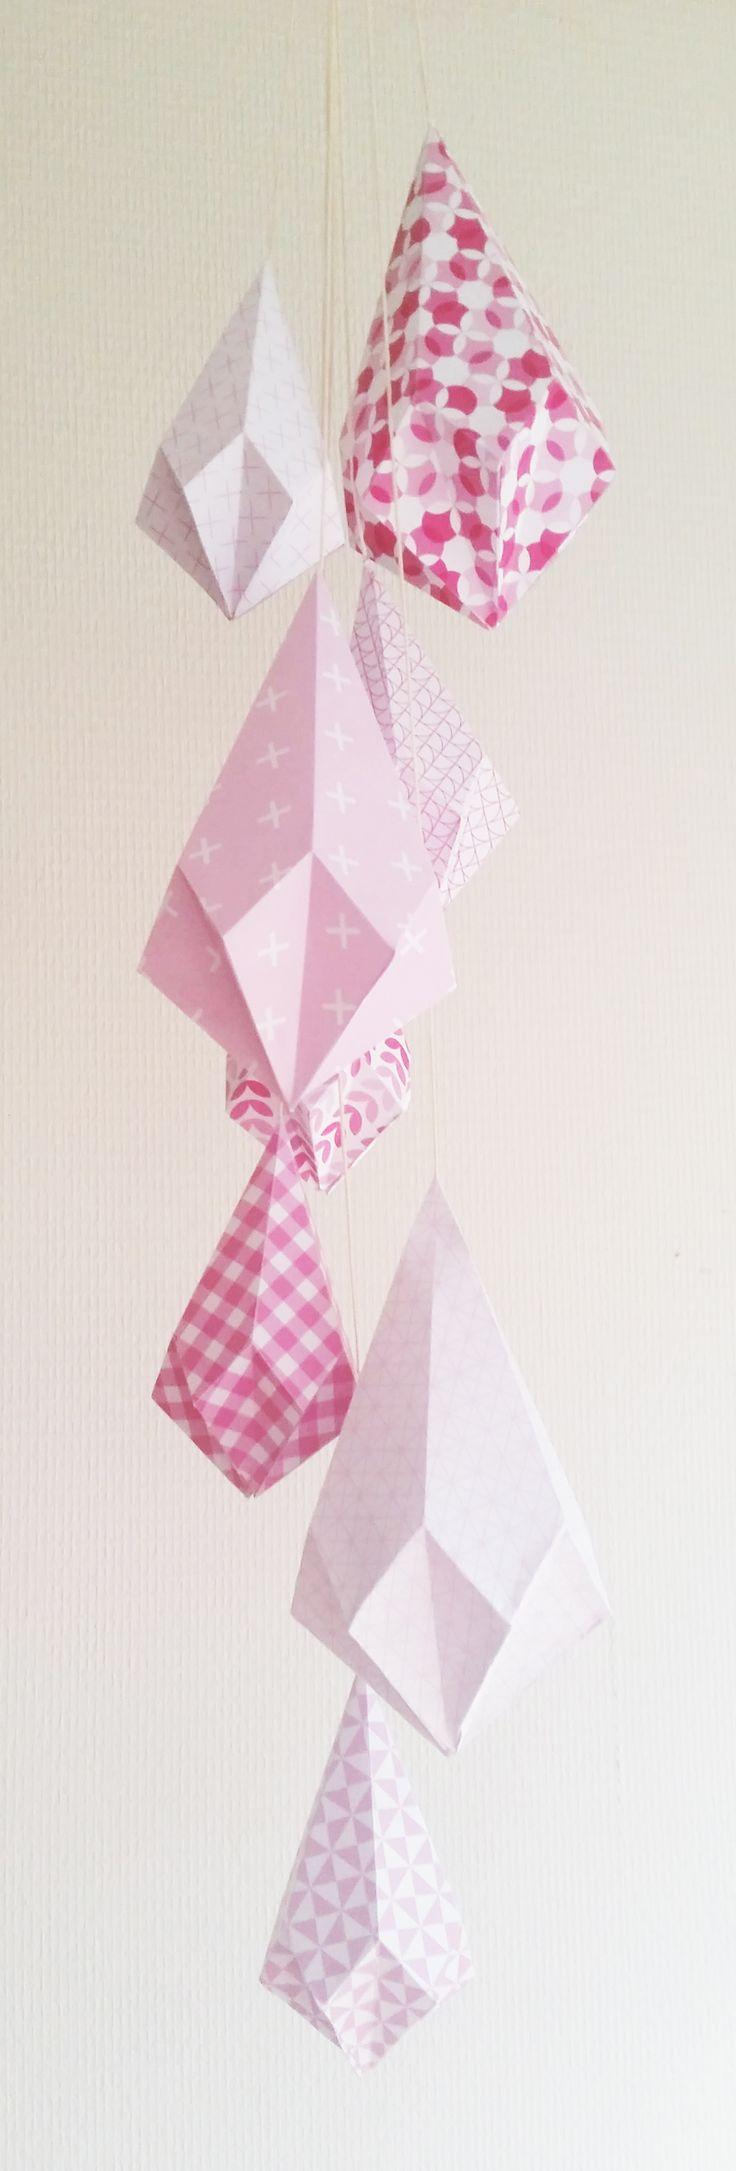 Papier kristallen met roze papier van http://www.ankepankesshop.nl